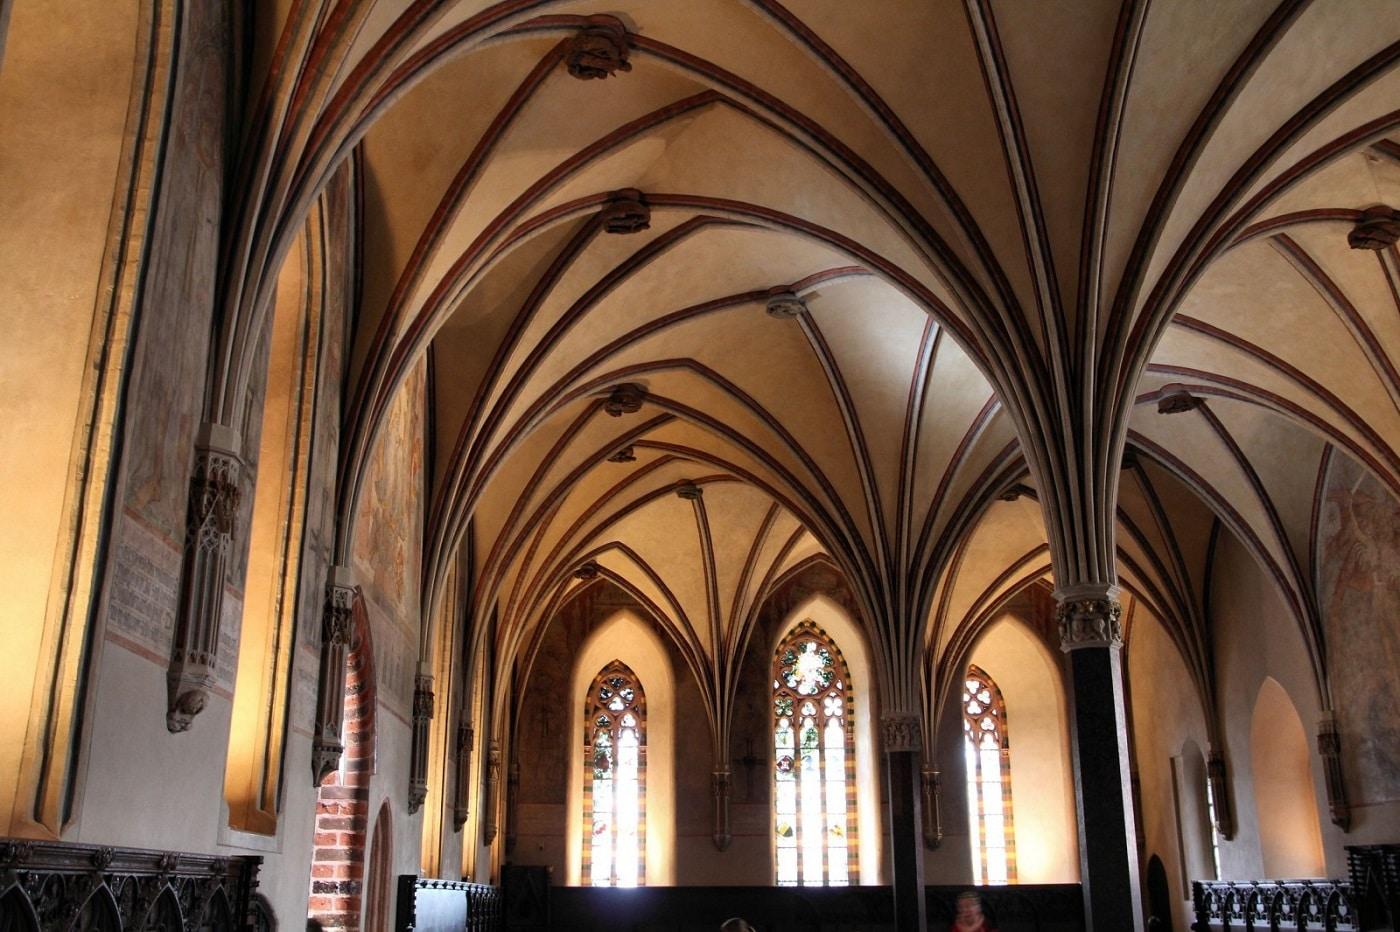 Castelul Malbork, evidenţiat şi mai mult de albul zăpezii